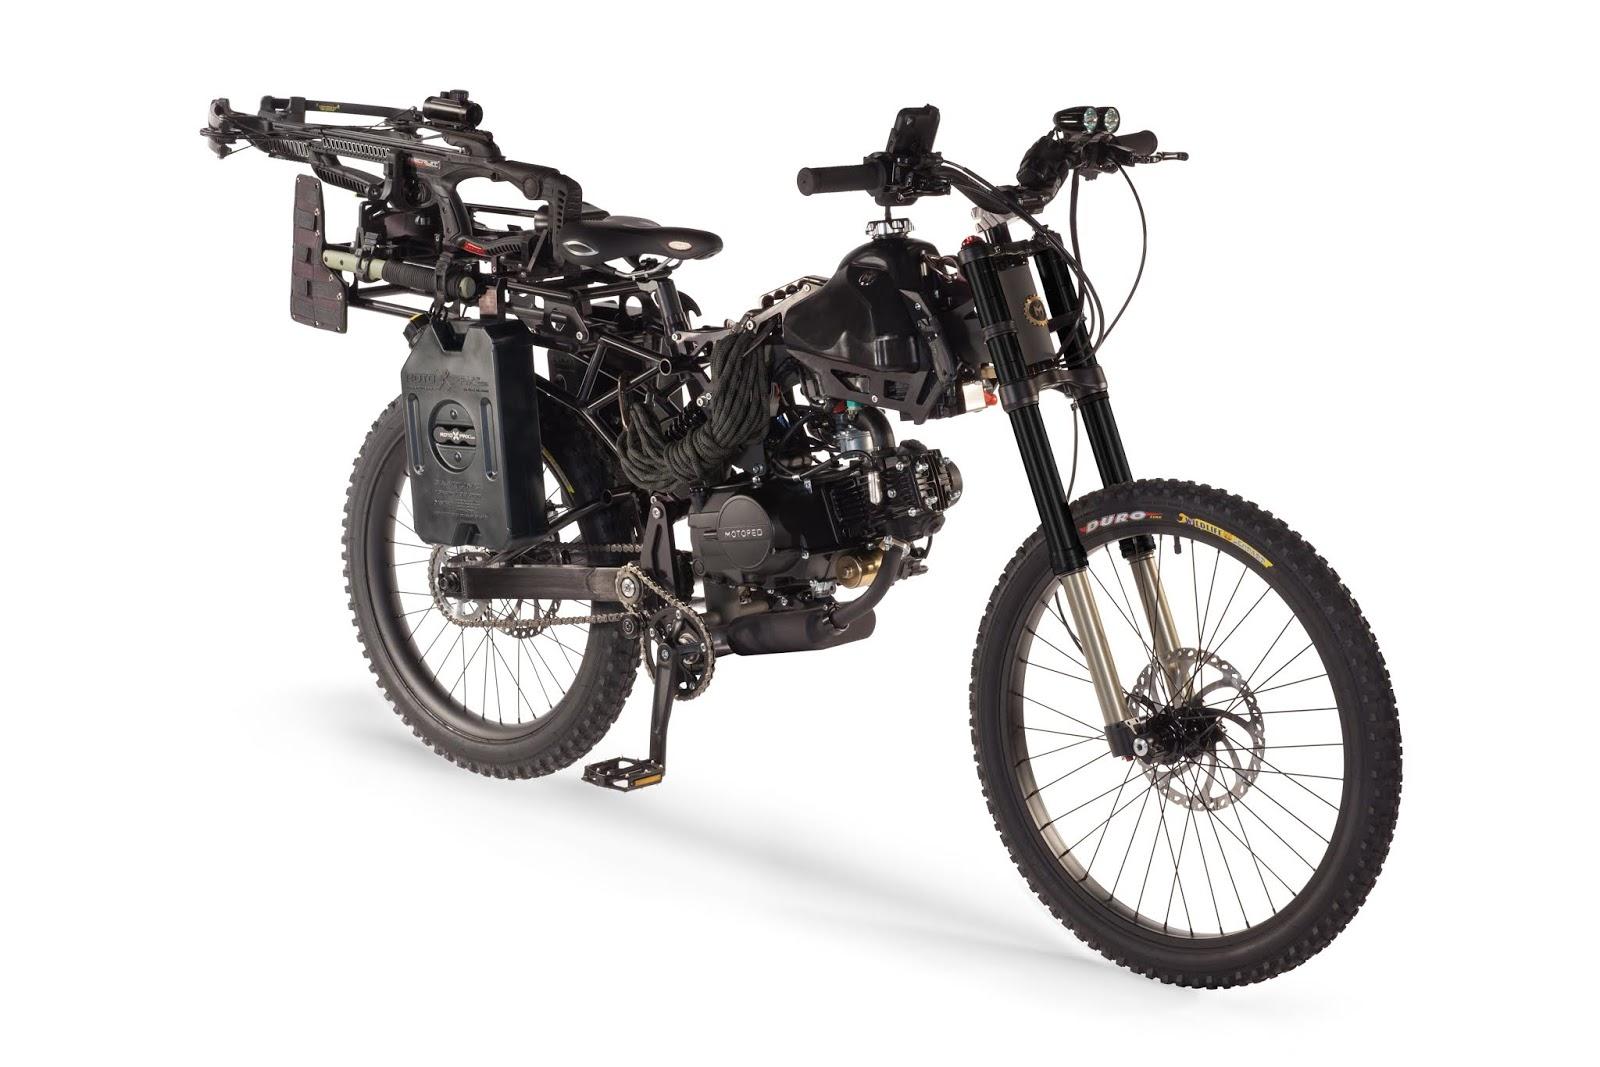 The Survival Black Ops Bike adalah kanvas kosong taktis Anda.  Pengangkut super utilitarian yang diilhami militer, dilengkapi dengan rak universal yang menerima segudang mount, harness, dan pemasangan baut sehingga Anda bisa berkemas bersama terkutuk di dekat apa pun yang dapat Anda bayangkan.  Tangki bahan bakar utama ditambah bahan bakar tambahan dari dua tangki bahan bakar opsional yang dipasang di sisi merah akan membawa Anda sejauh 250 hingga 300 mil tanpa pengisian. Itu hal yang baik ketika Anda bepergian melalui padang pasir dengan kuda tanpa nama. . .  Sepeda ini dibangun untuk survivalist kreatif. Terapkan perlengkapan favorit Anda dan melarikan diri dengan hidup Anda. Untuk inspirasi, lihat edisi terbatas versi Black Ops Camo yang telah kami buat.  MOTOPED® dengan cara Anda sendiri, memberontak, dan tidak melihat ke belakang.